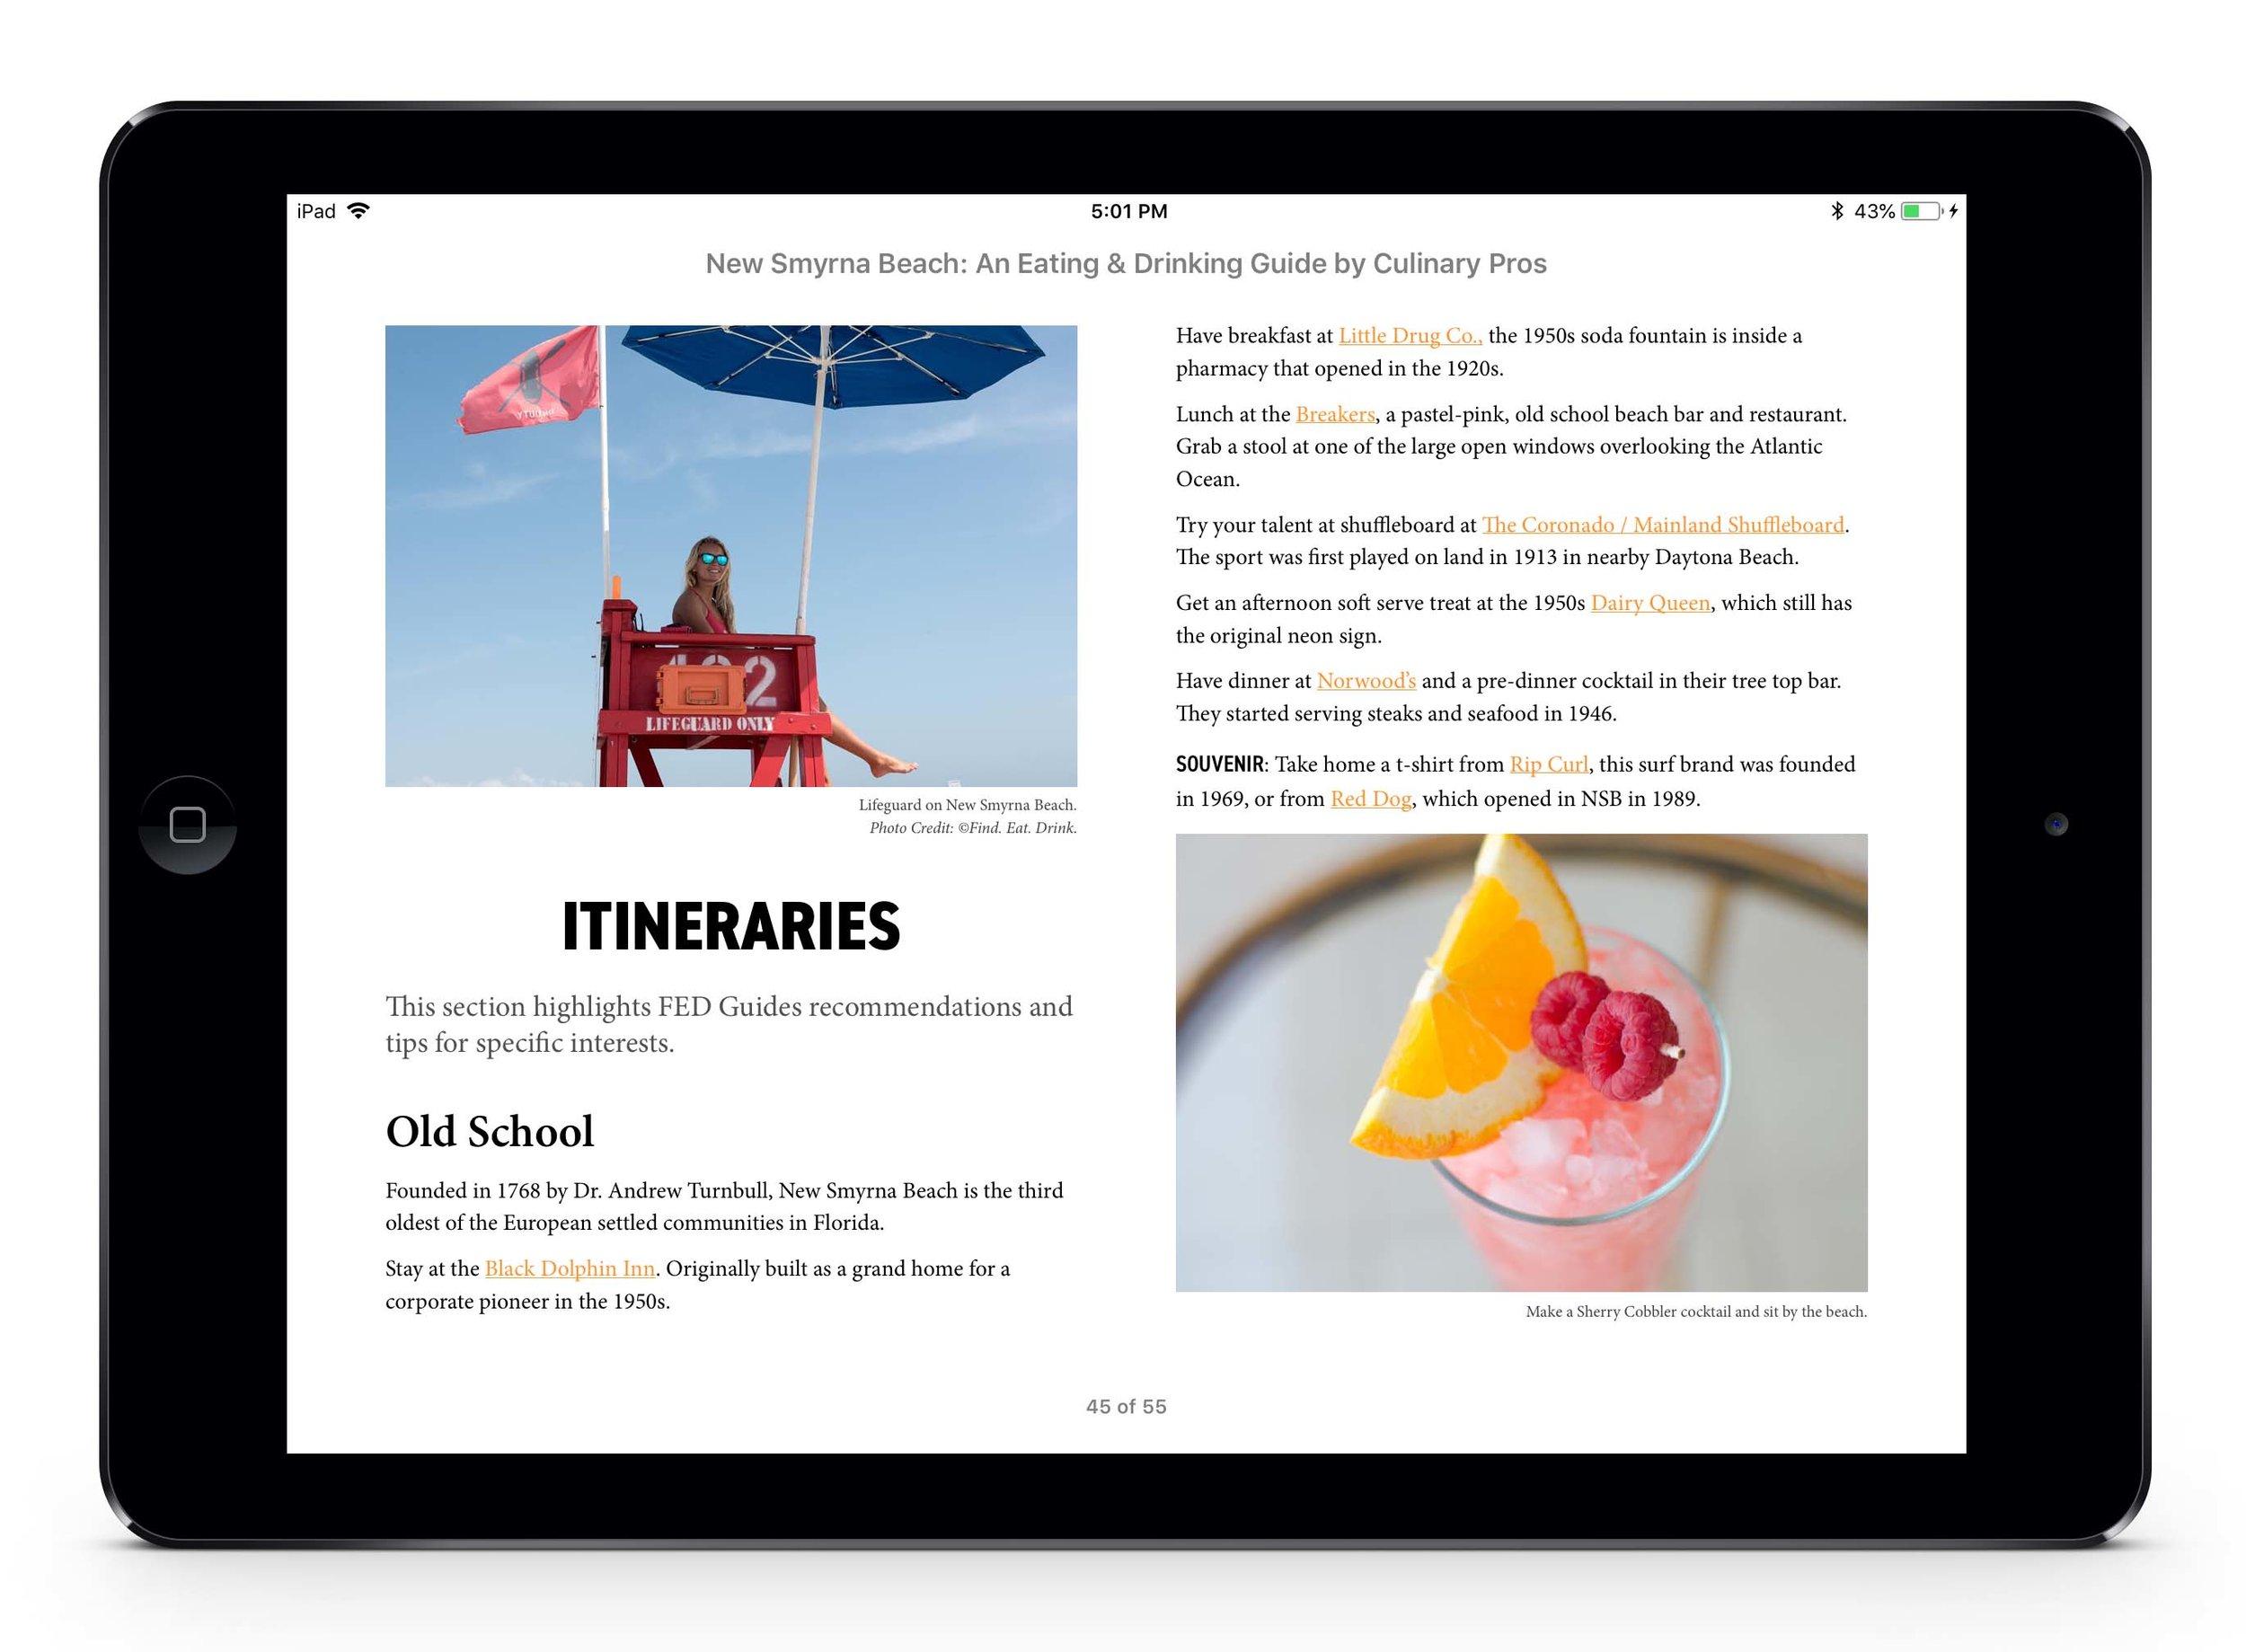 iPadAir_NSB_Screenshots_1.13.jpg